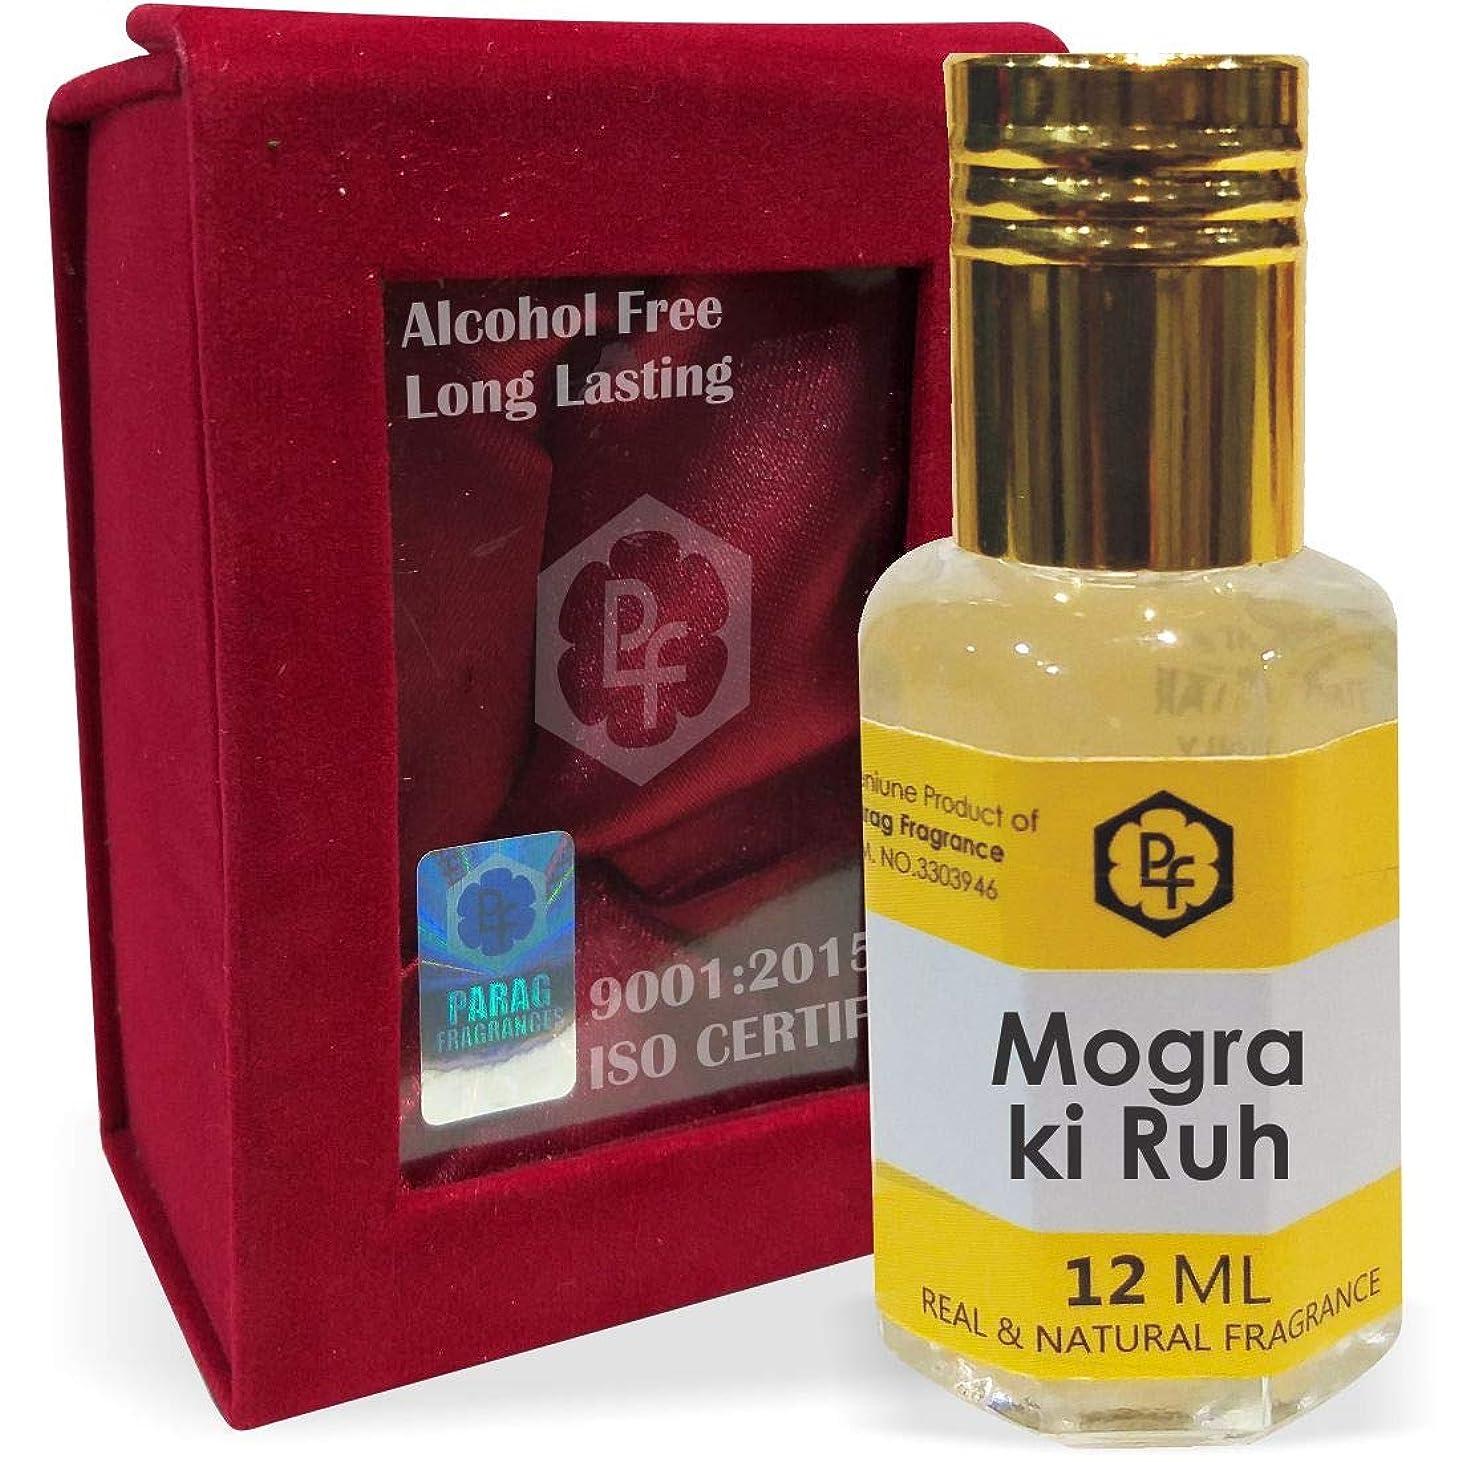 オンマイコン結紮ParagフレグランスMOGRA手作りベルベットボックスKI RUH 12ミリリットルアター/香水(インドの伝統的なBhapka処理方法により、インド製)オイル/フレグランスオイル|長持ちアターITRA最高の品質